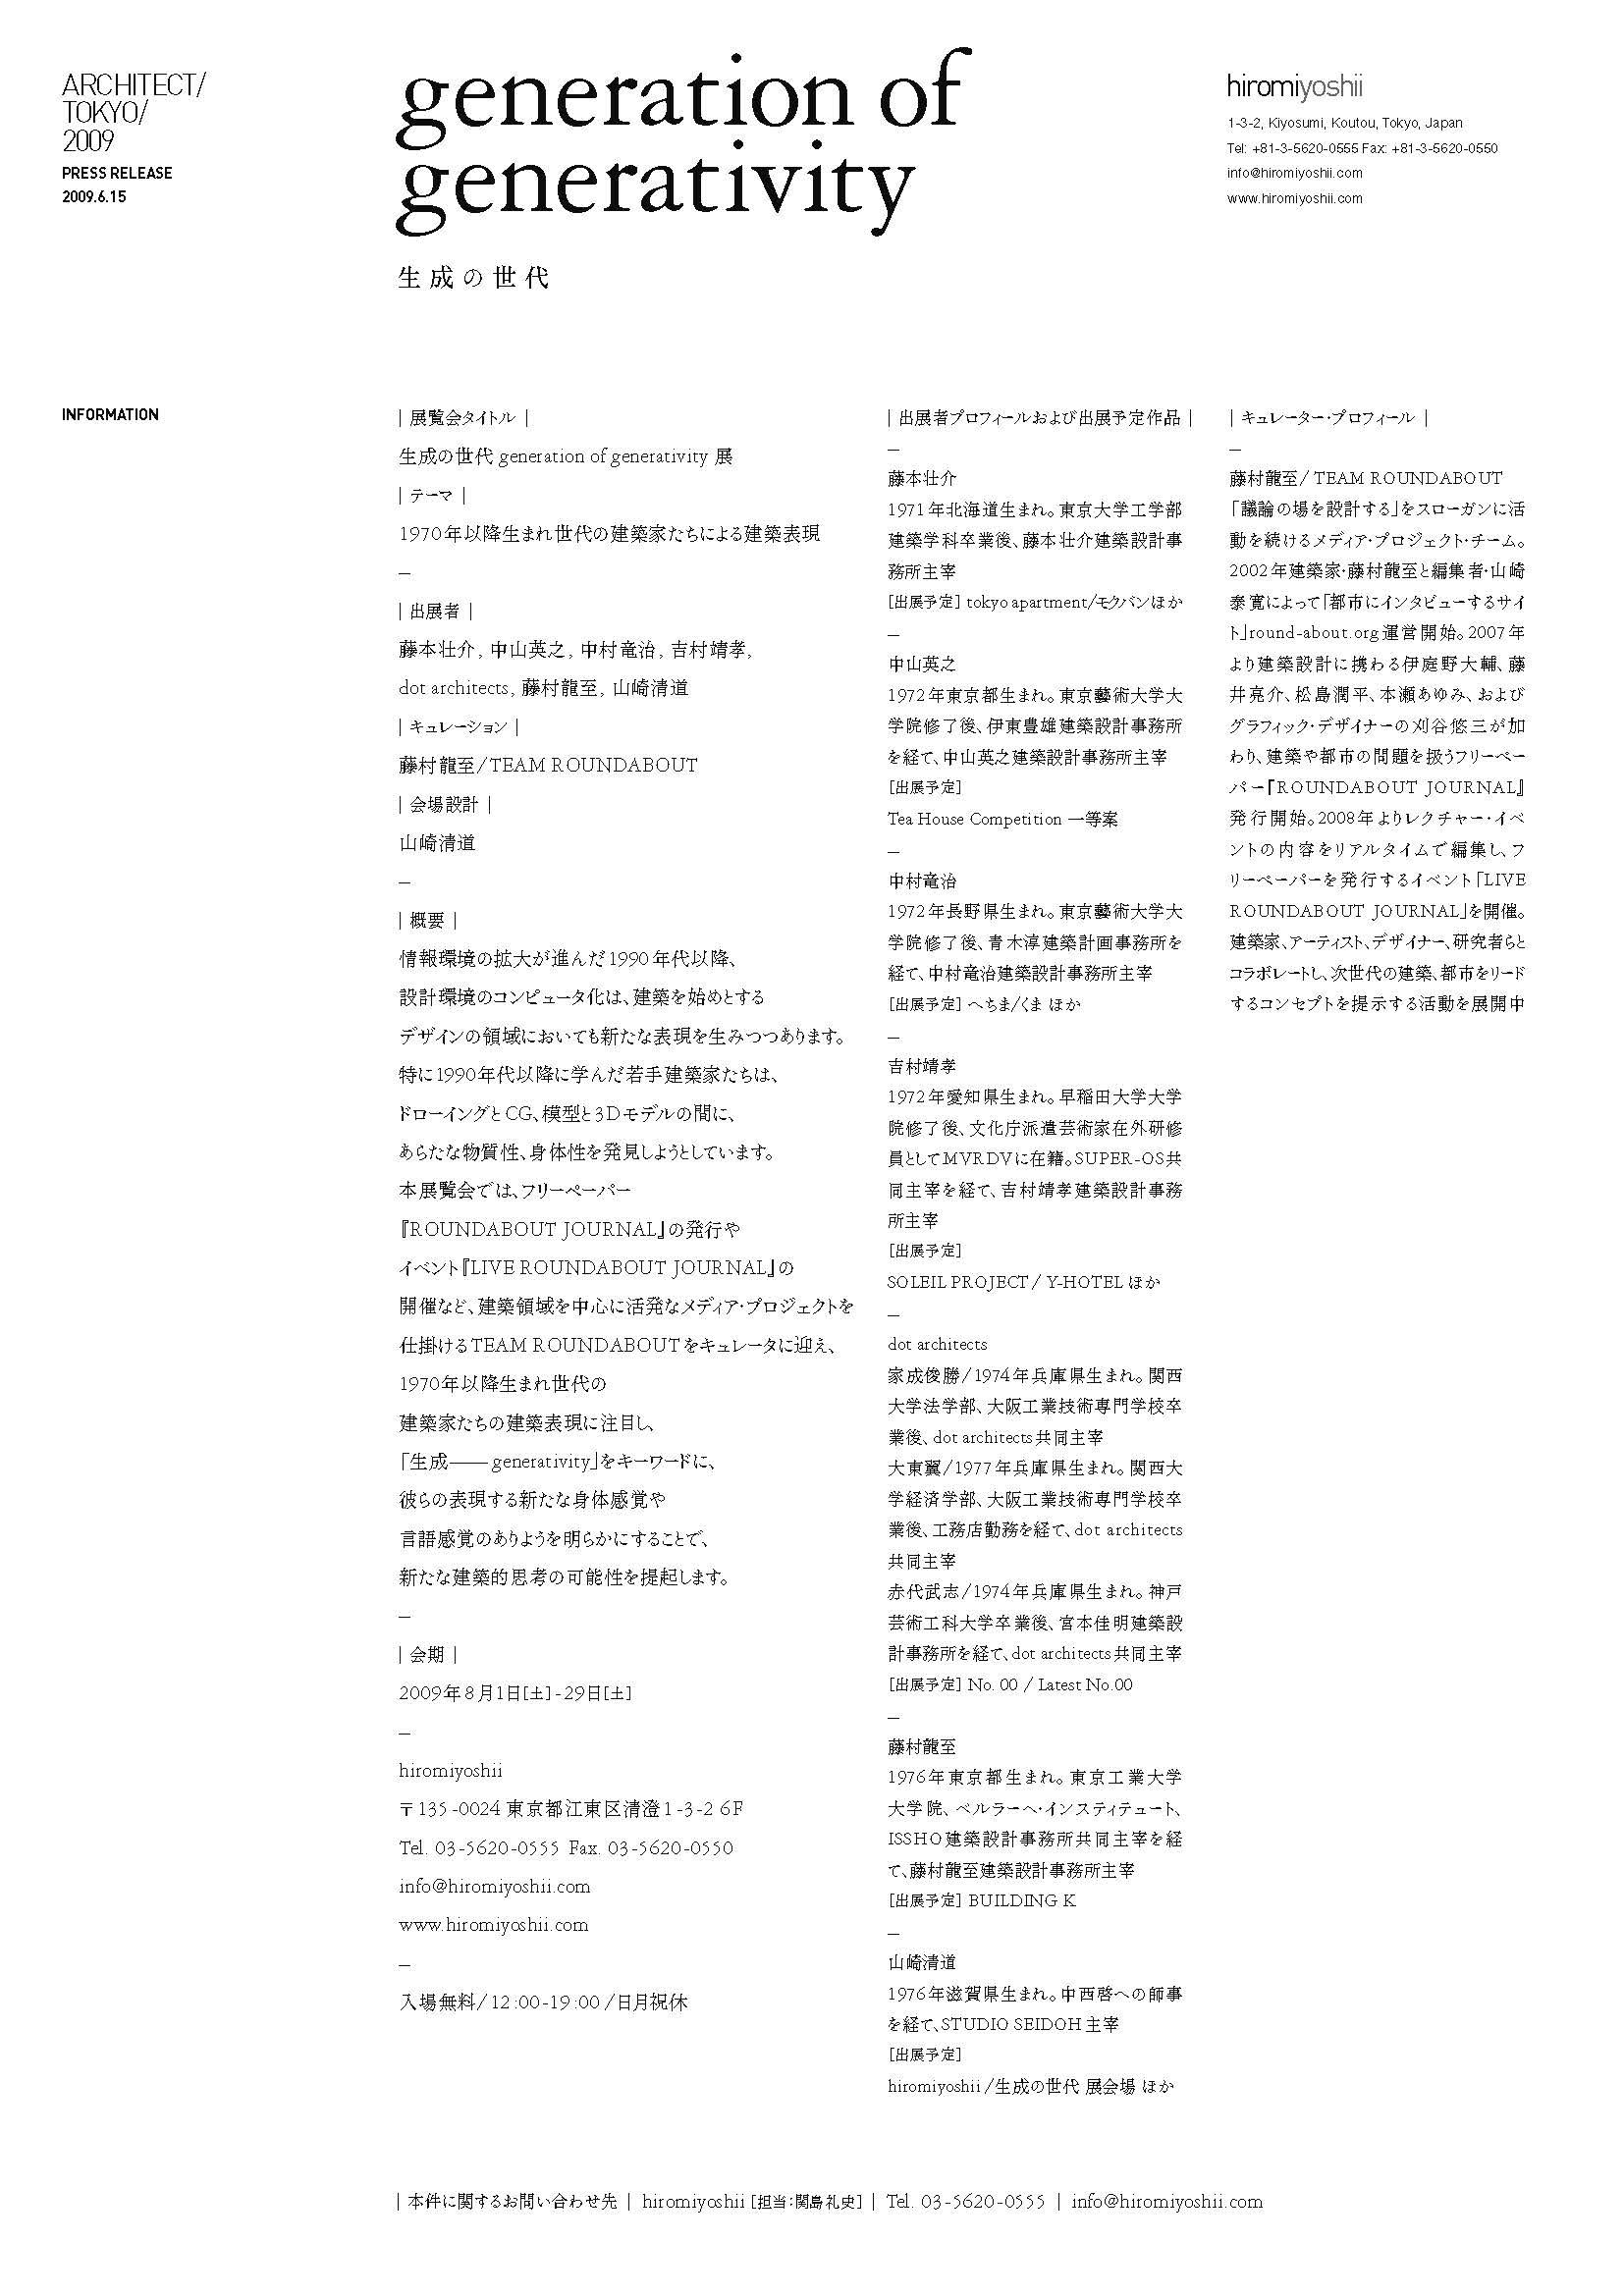 m_raj13